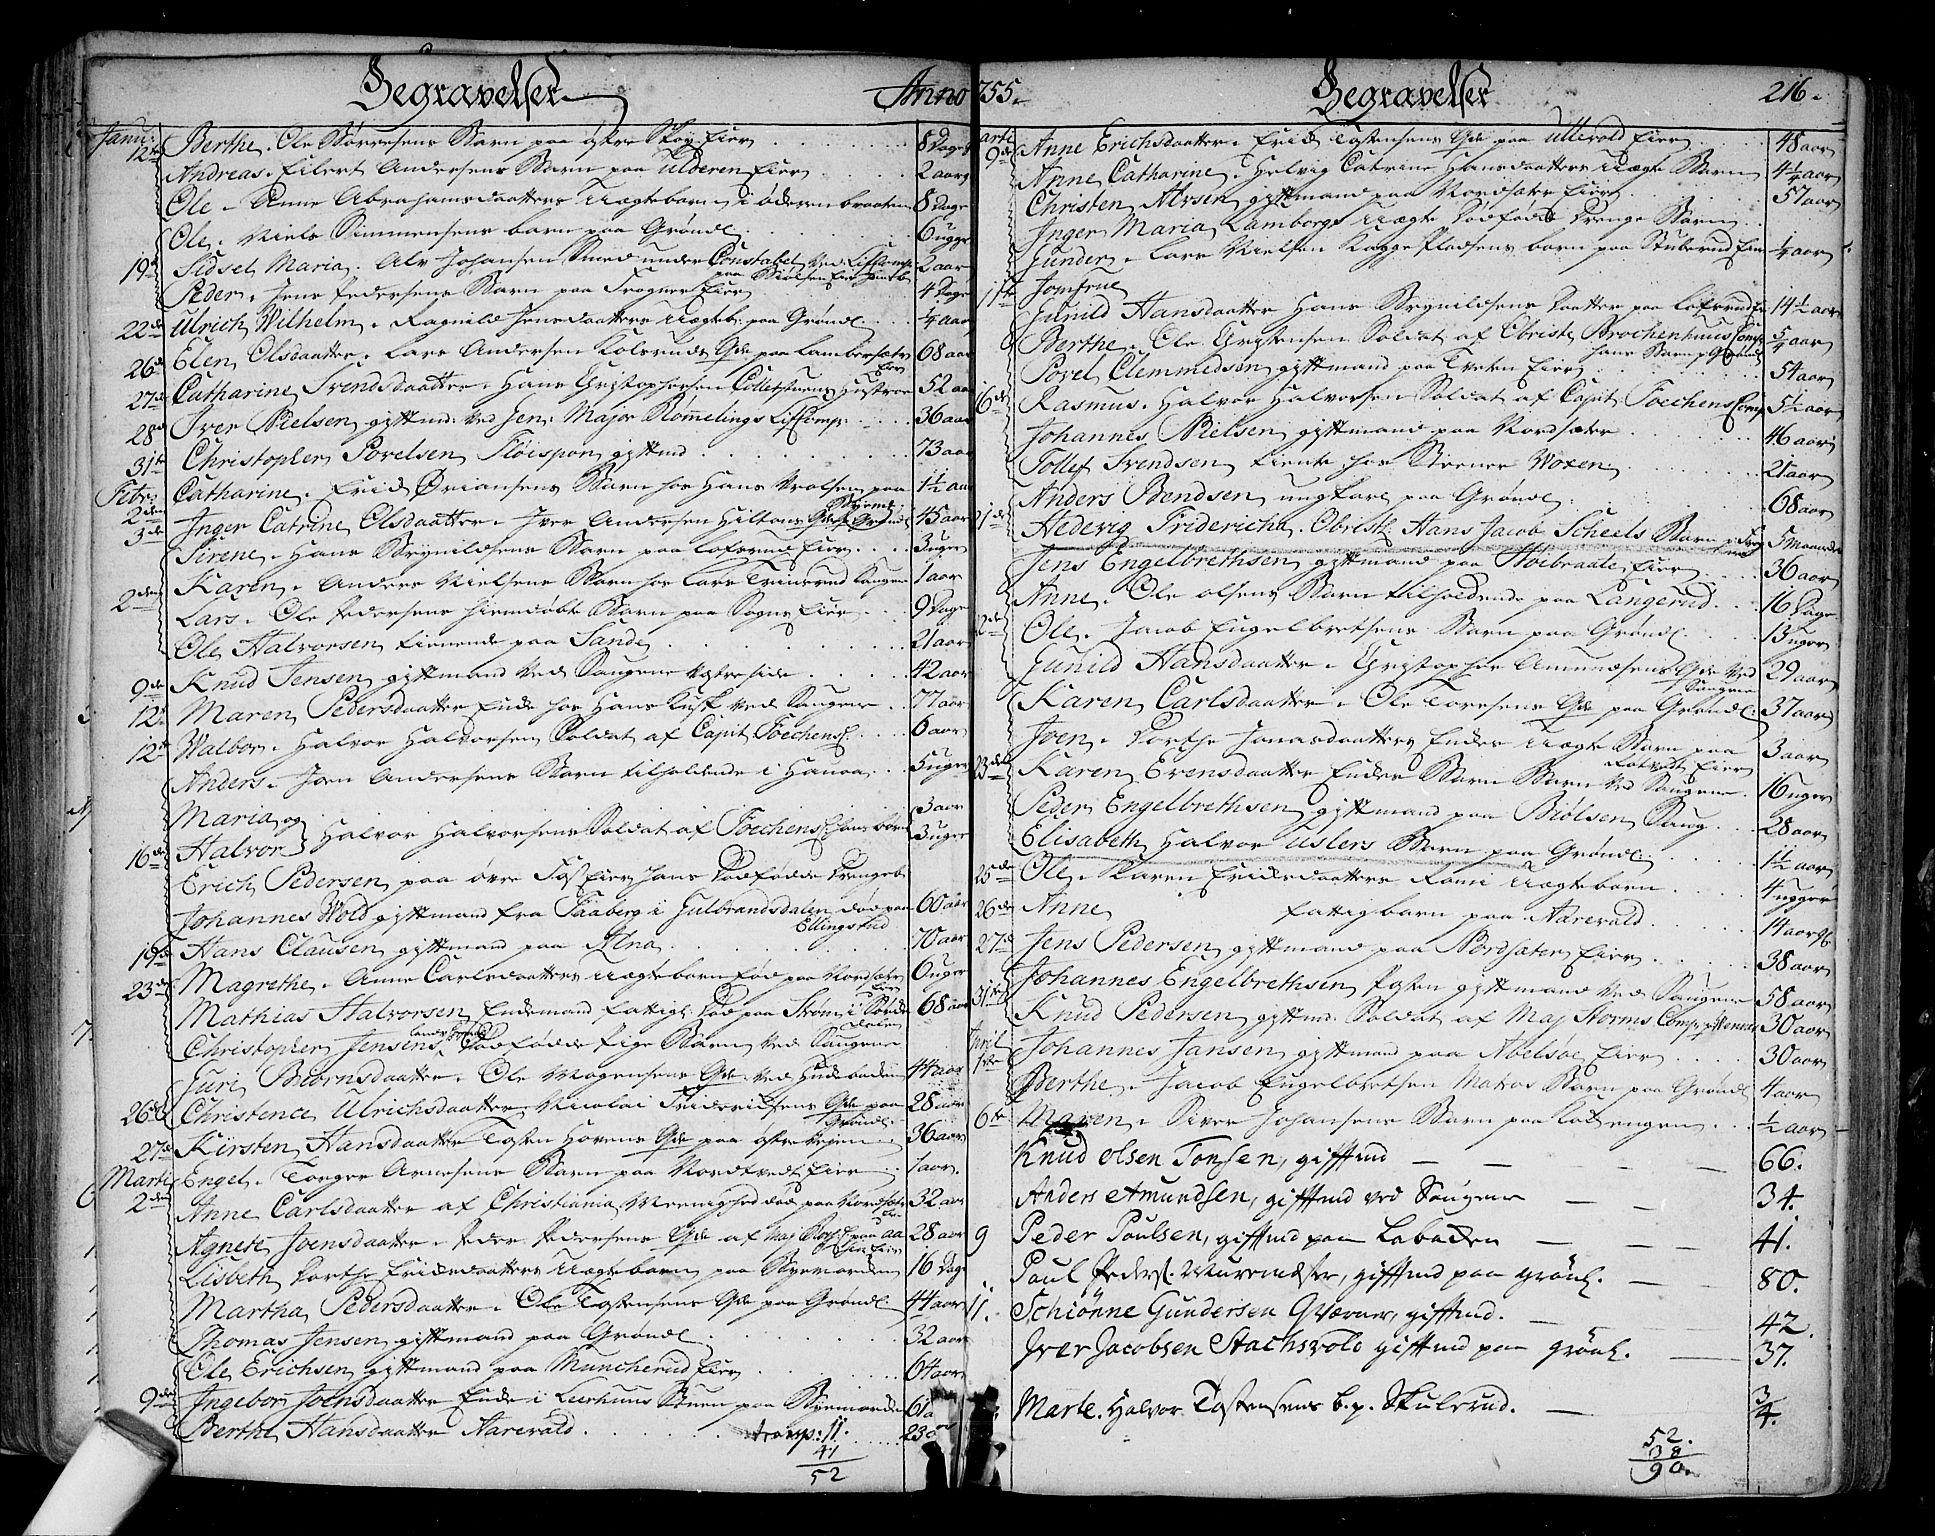 SAO, Aker prestekontor kirkebøker, F/L0008: Ministerialbok nr. 8, 1749-1765, s. 216